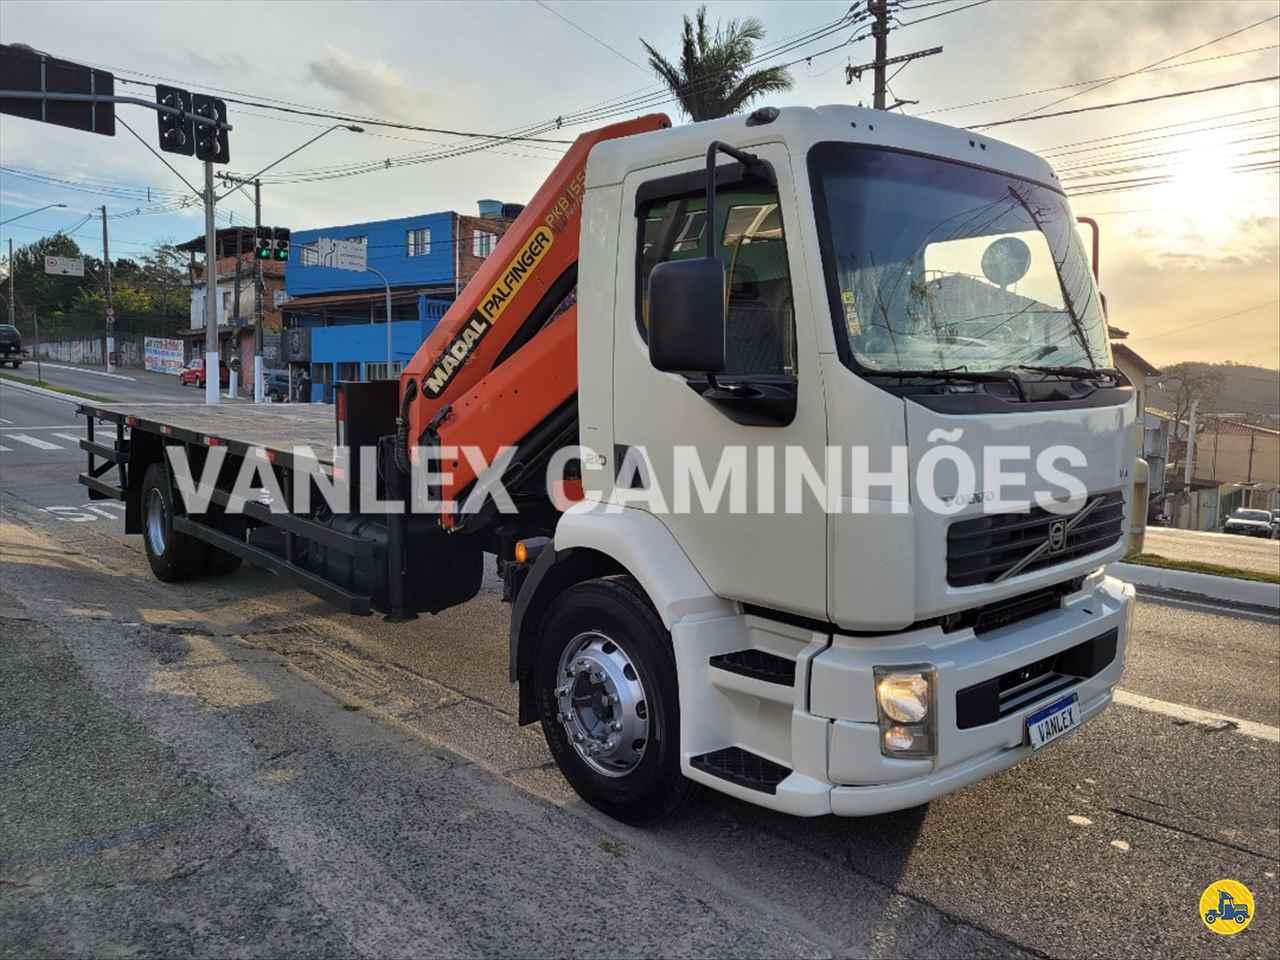 CAMINHAO VOLVO VOLVO VM 210 Guincho Munck Toco 4x2 Vanlex Caminhões SAO BERNARDO DO CAMPO SÃO PAULO SP